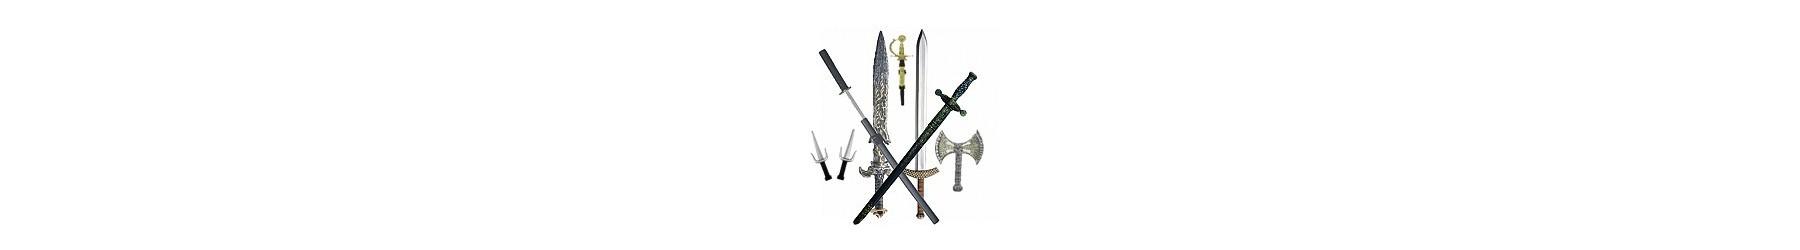 Όλη η συλλογή σε αποκριάτικα σπαθιά, ξίφη, ακόντια, τόξα και μαχαίρια